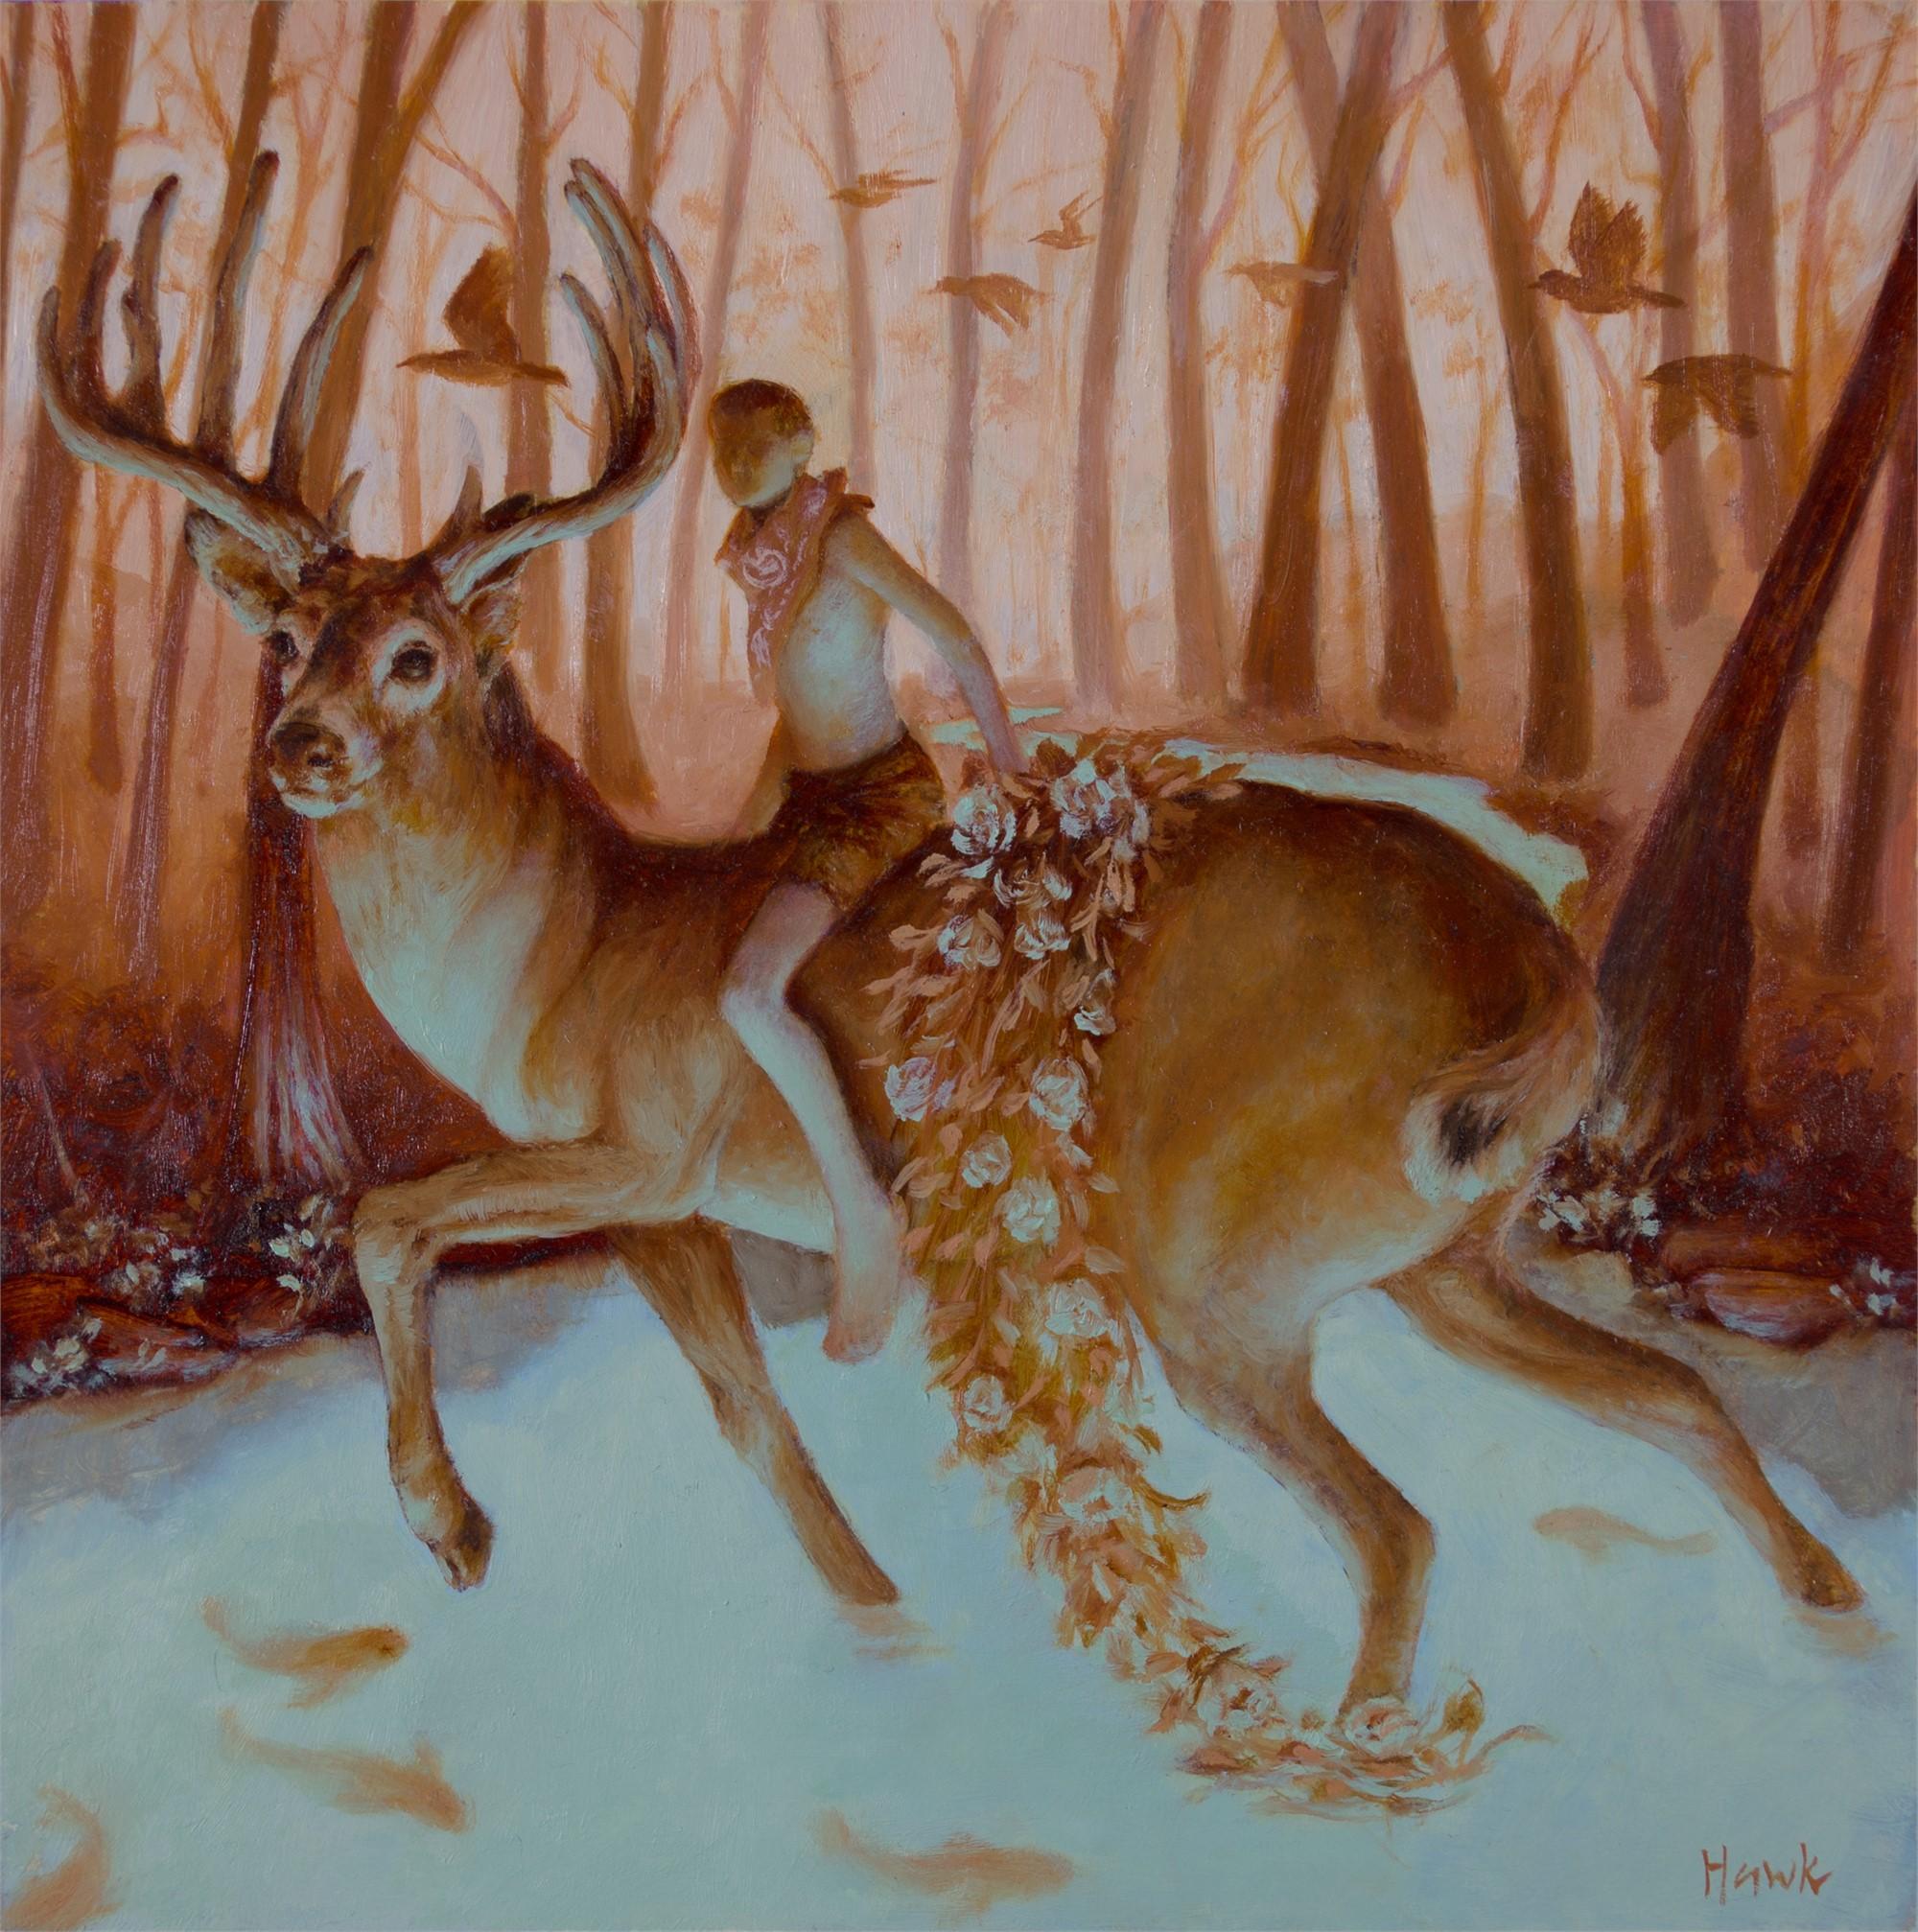 Wildlife by Dana Hawk